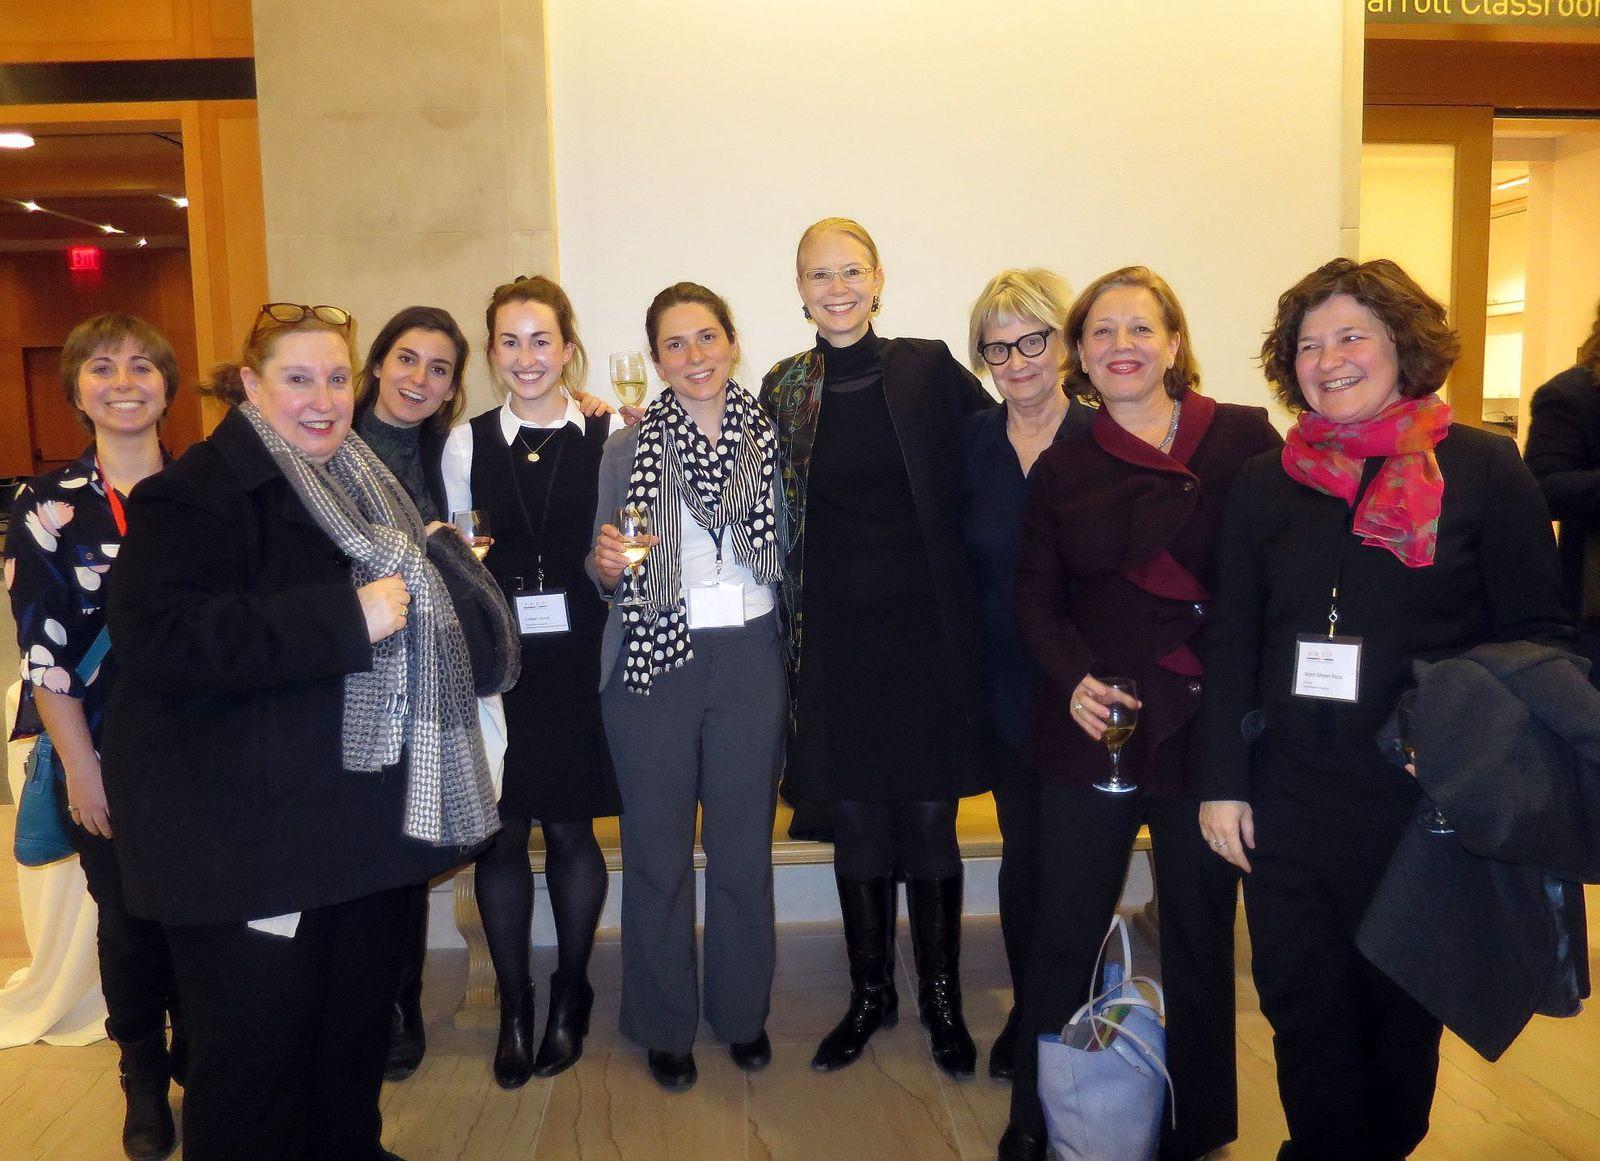 Jane Milosh und die Amerikanischen Teilnehmerinnen von PREP. (c) Jane Milosh